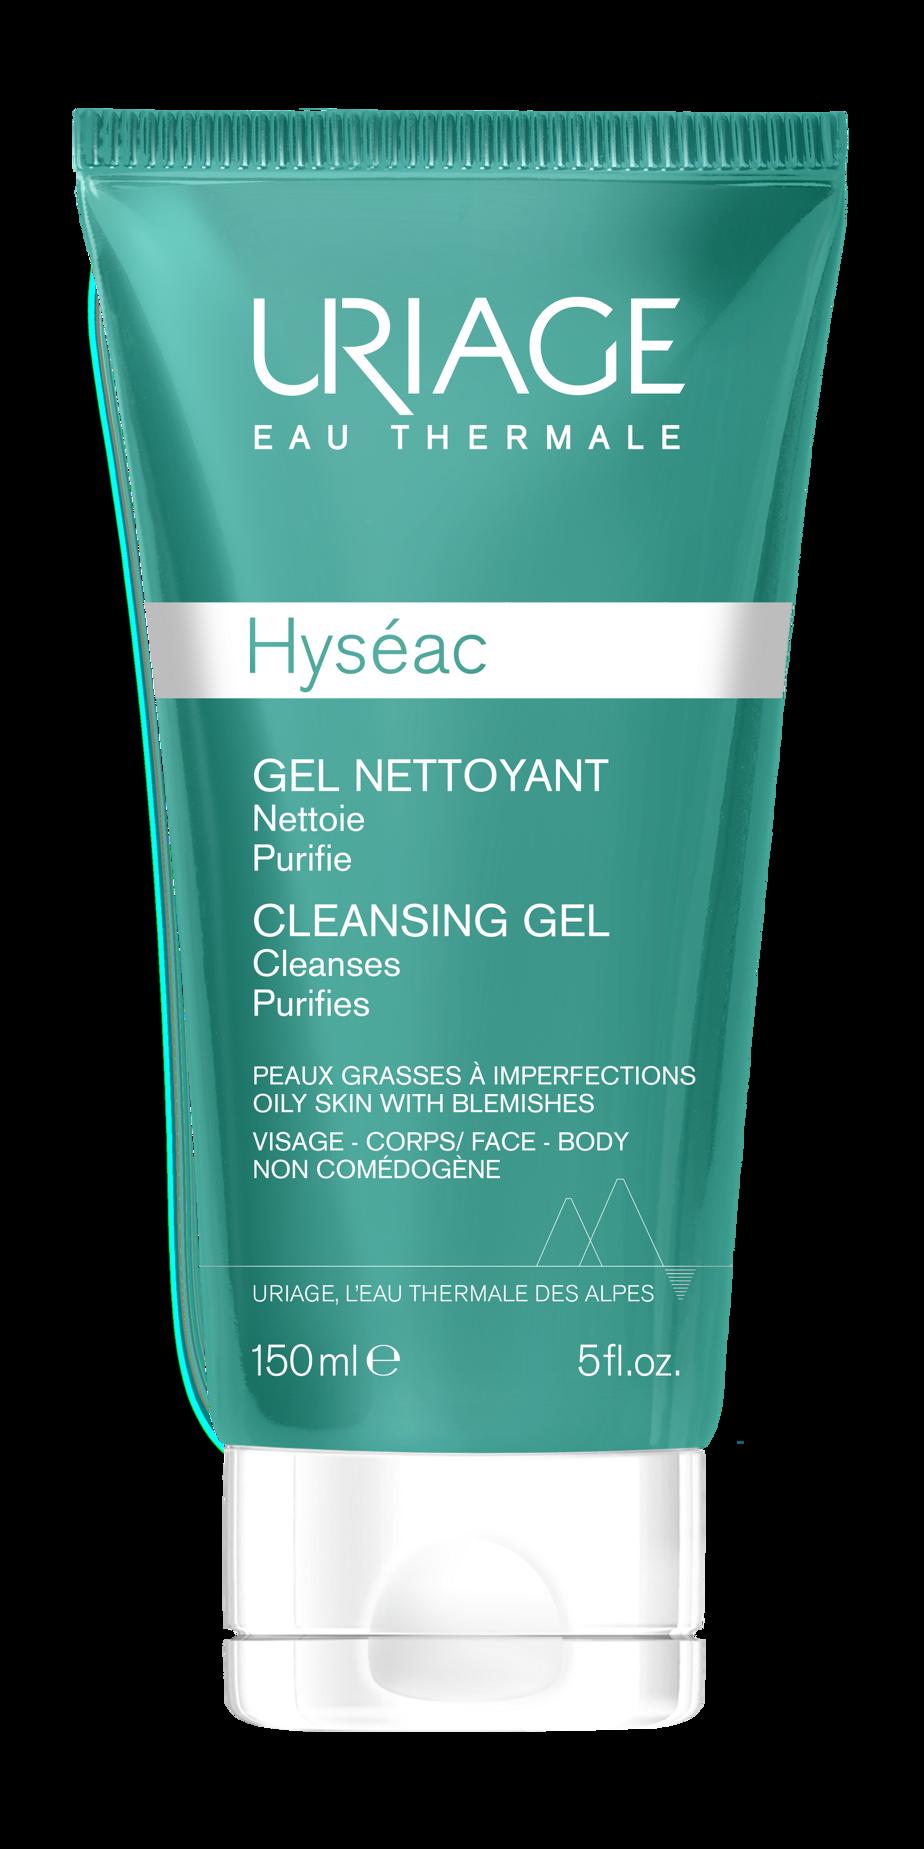 Le gel nettoyant de la gamme Hyséac d'Uriage